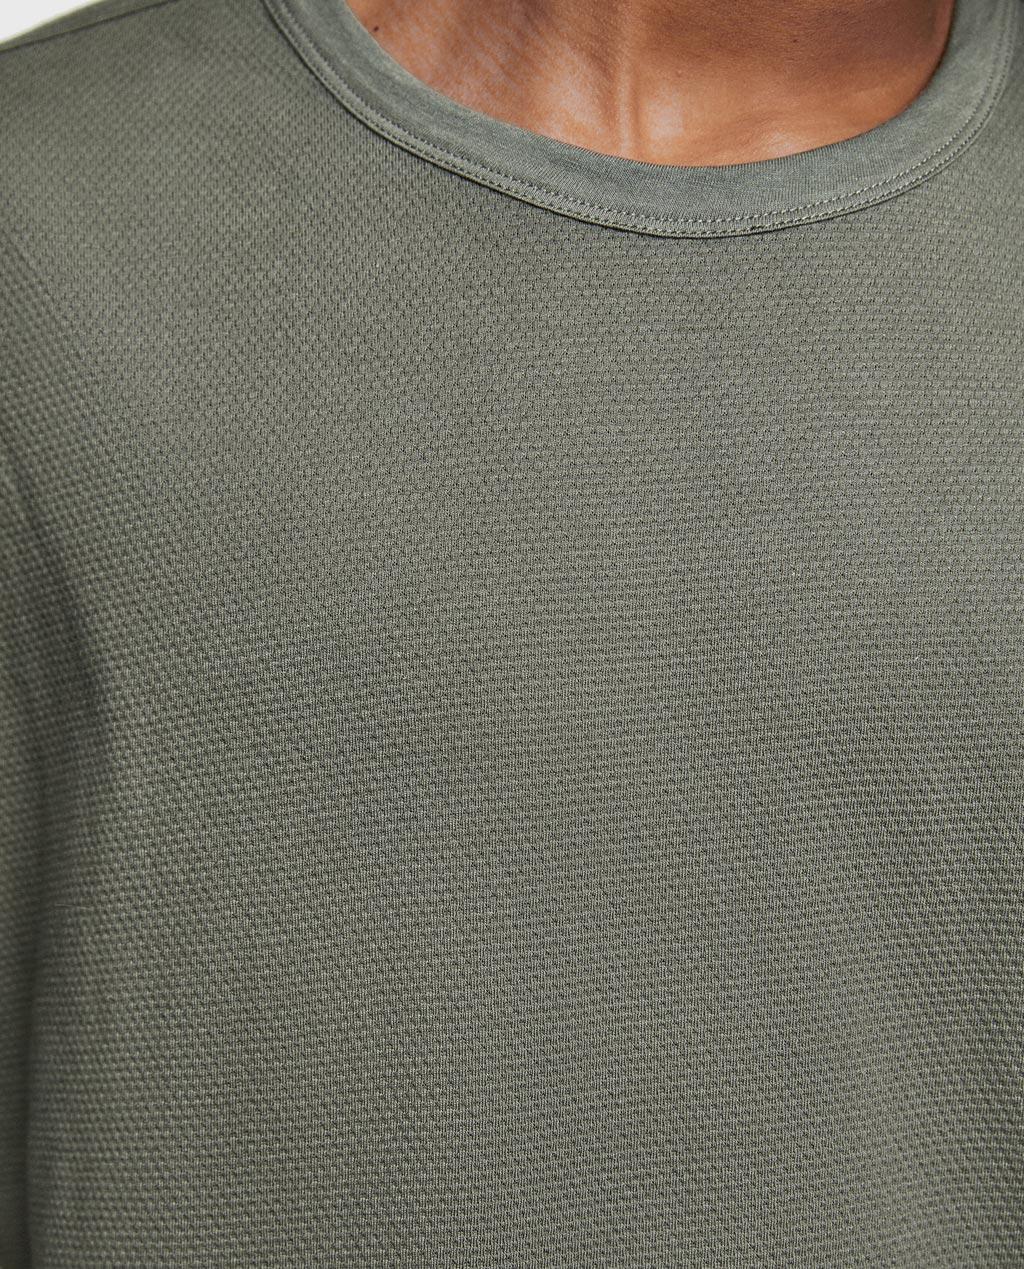 Thời trang nam Zara  24013 - ảnh 9